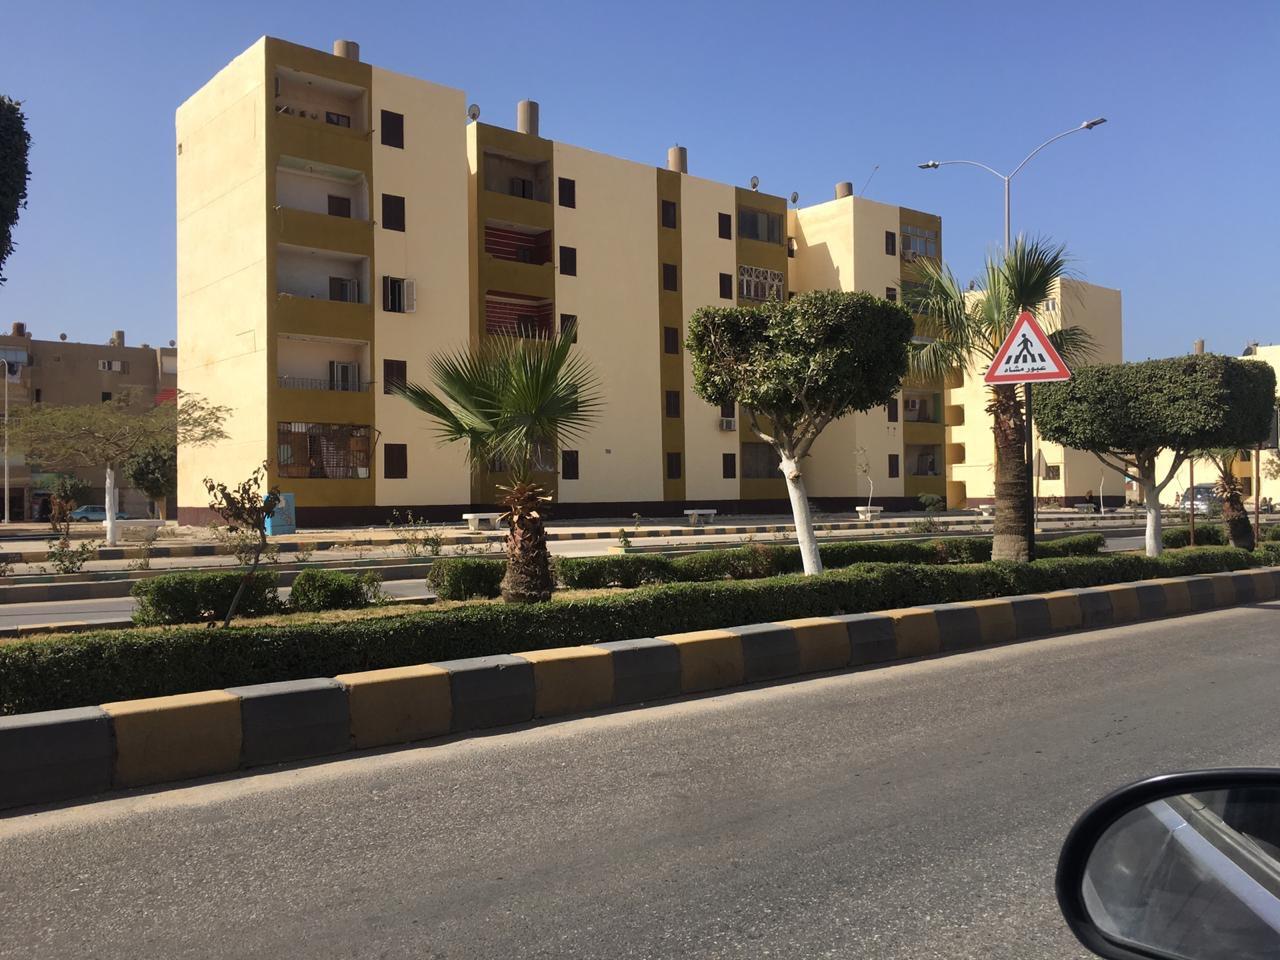 احد شوارع مدينة بني سويف الجديدة